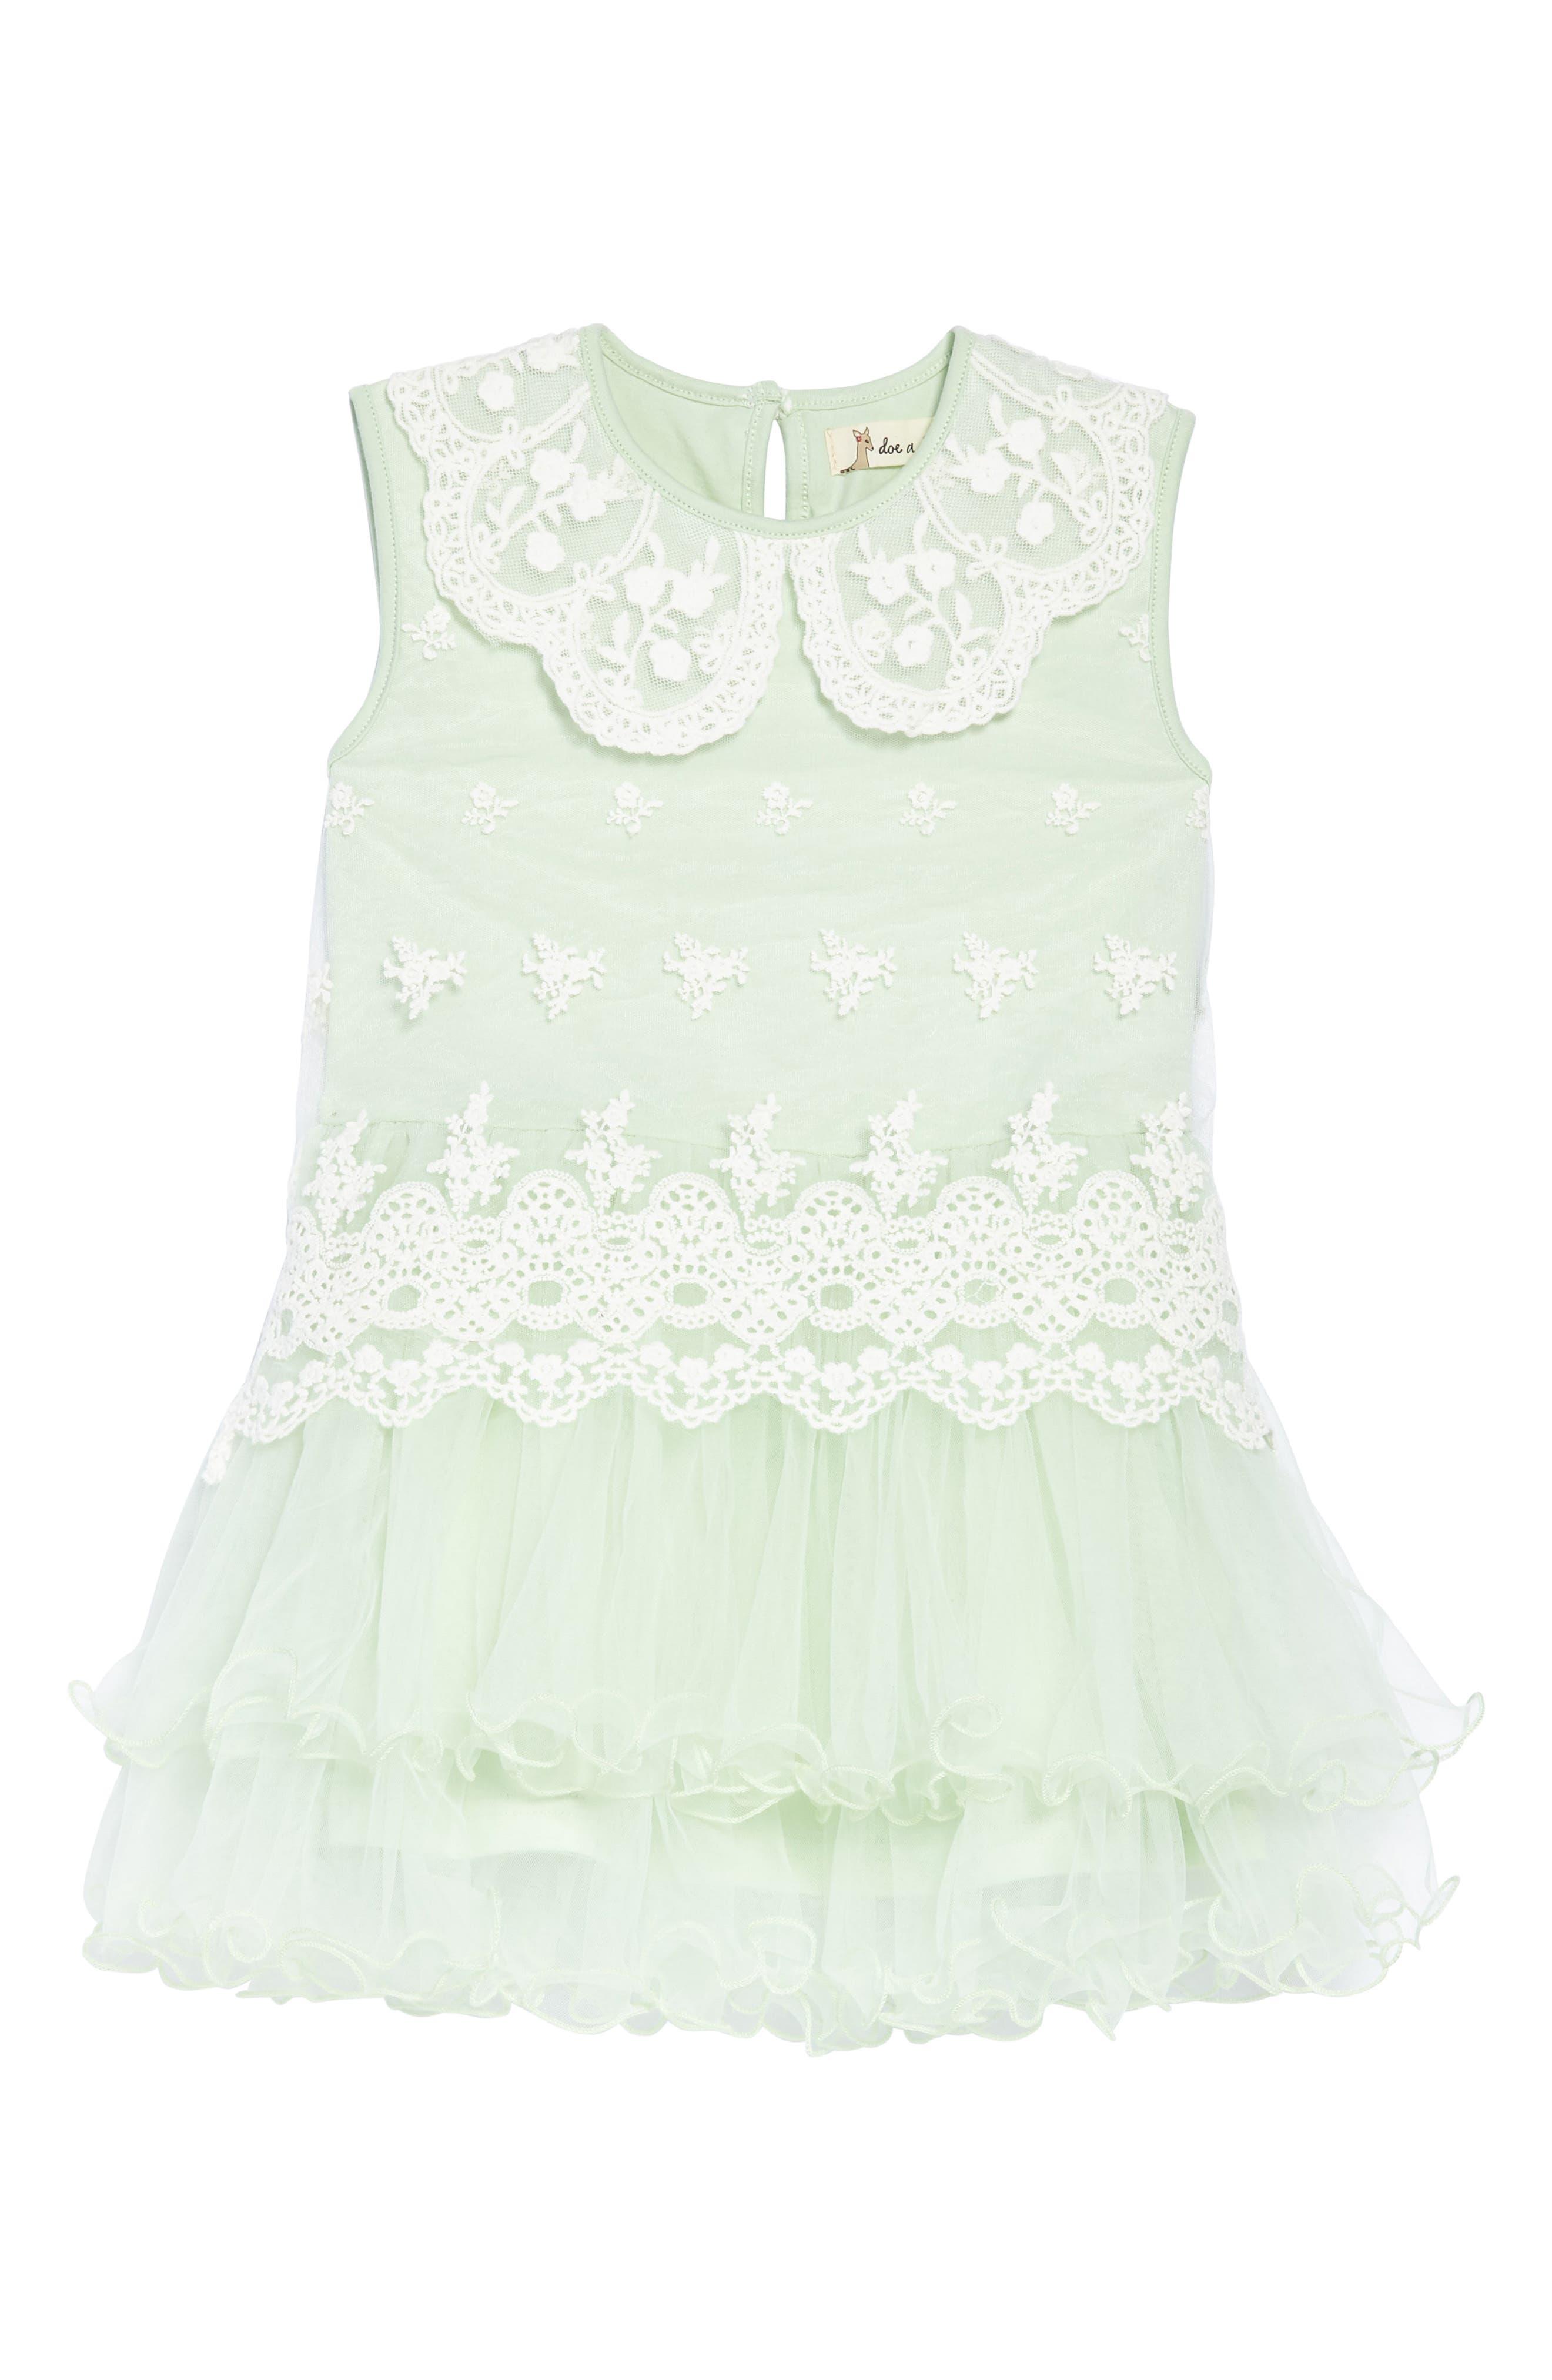 Doe A Dear Embroidered Tulle Dress (Toddler Girls, Little Girls & Big Girls)